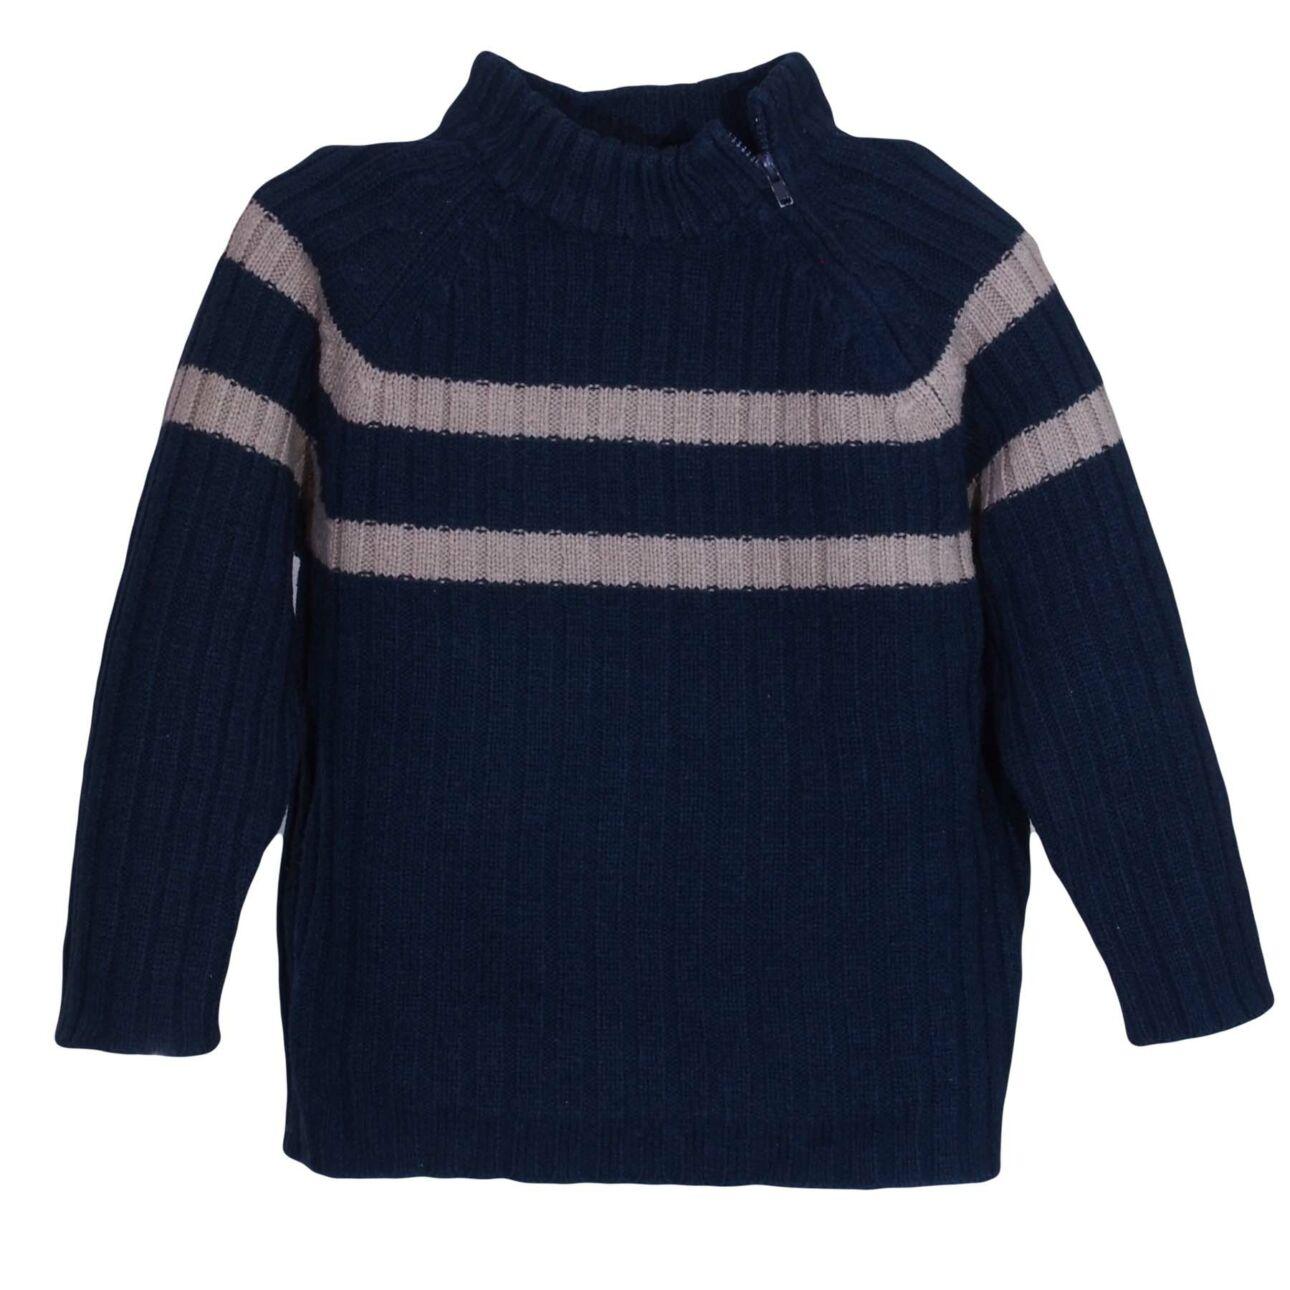 Sötétkék kötött pulcsi (3-4 év)